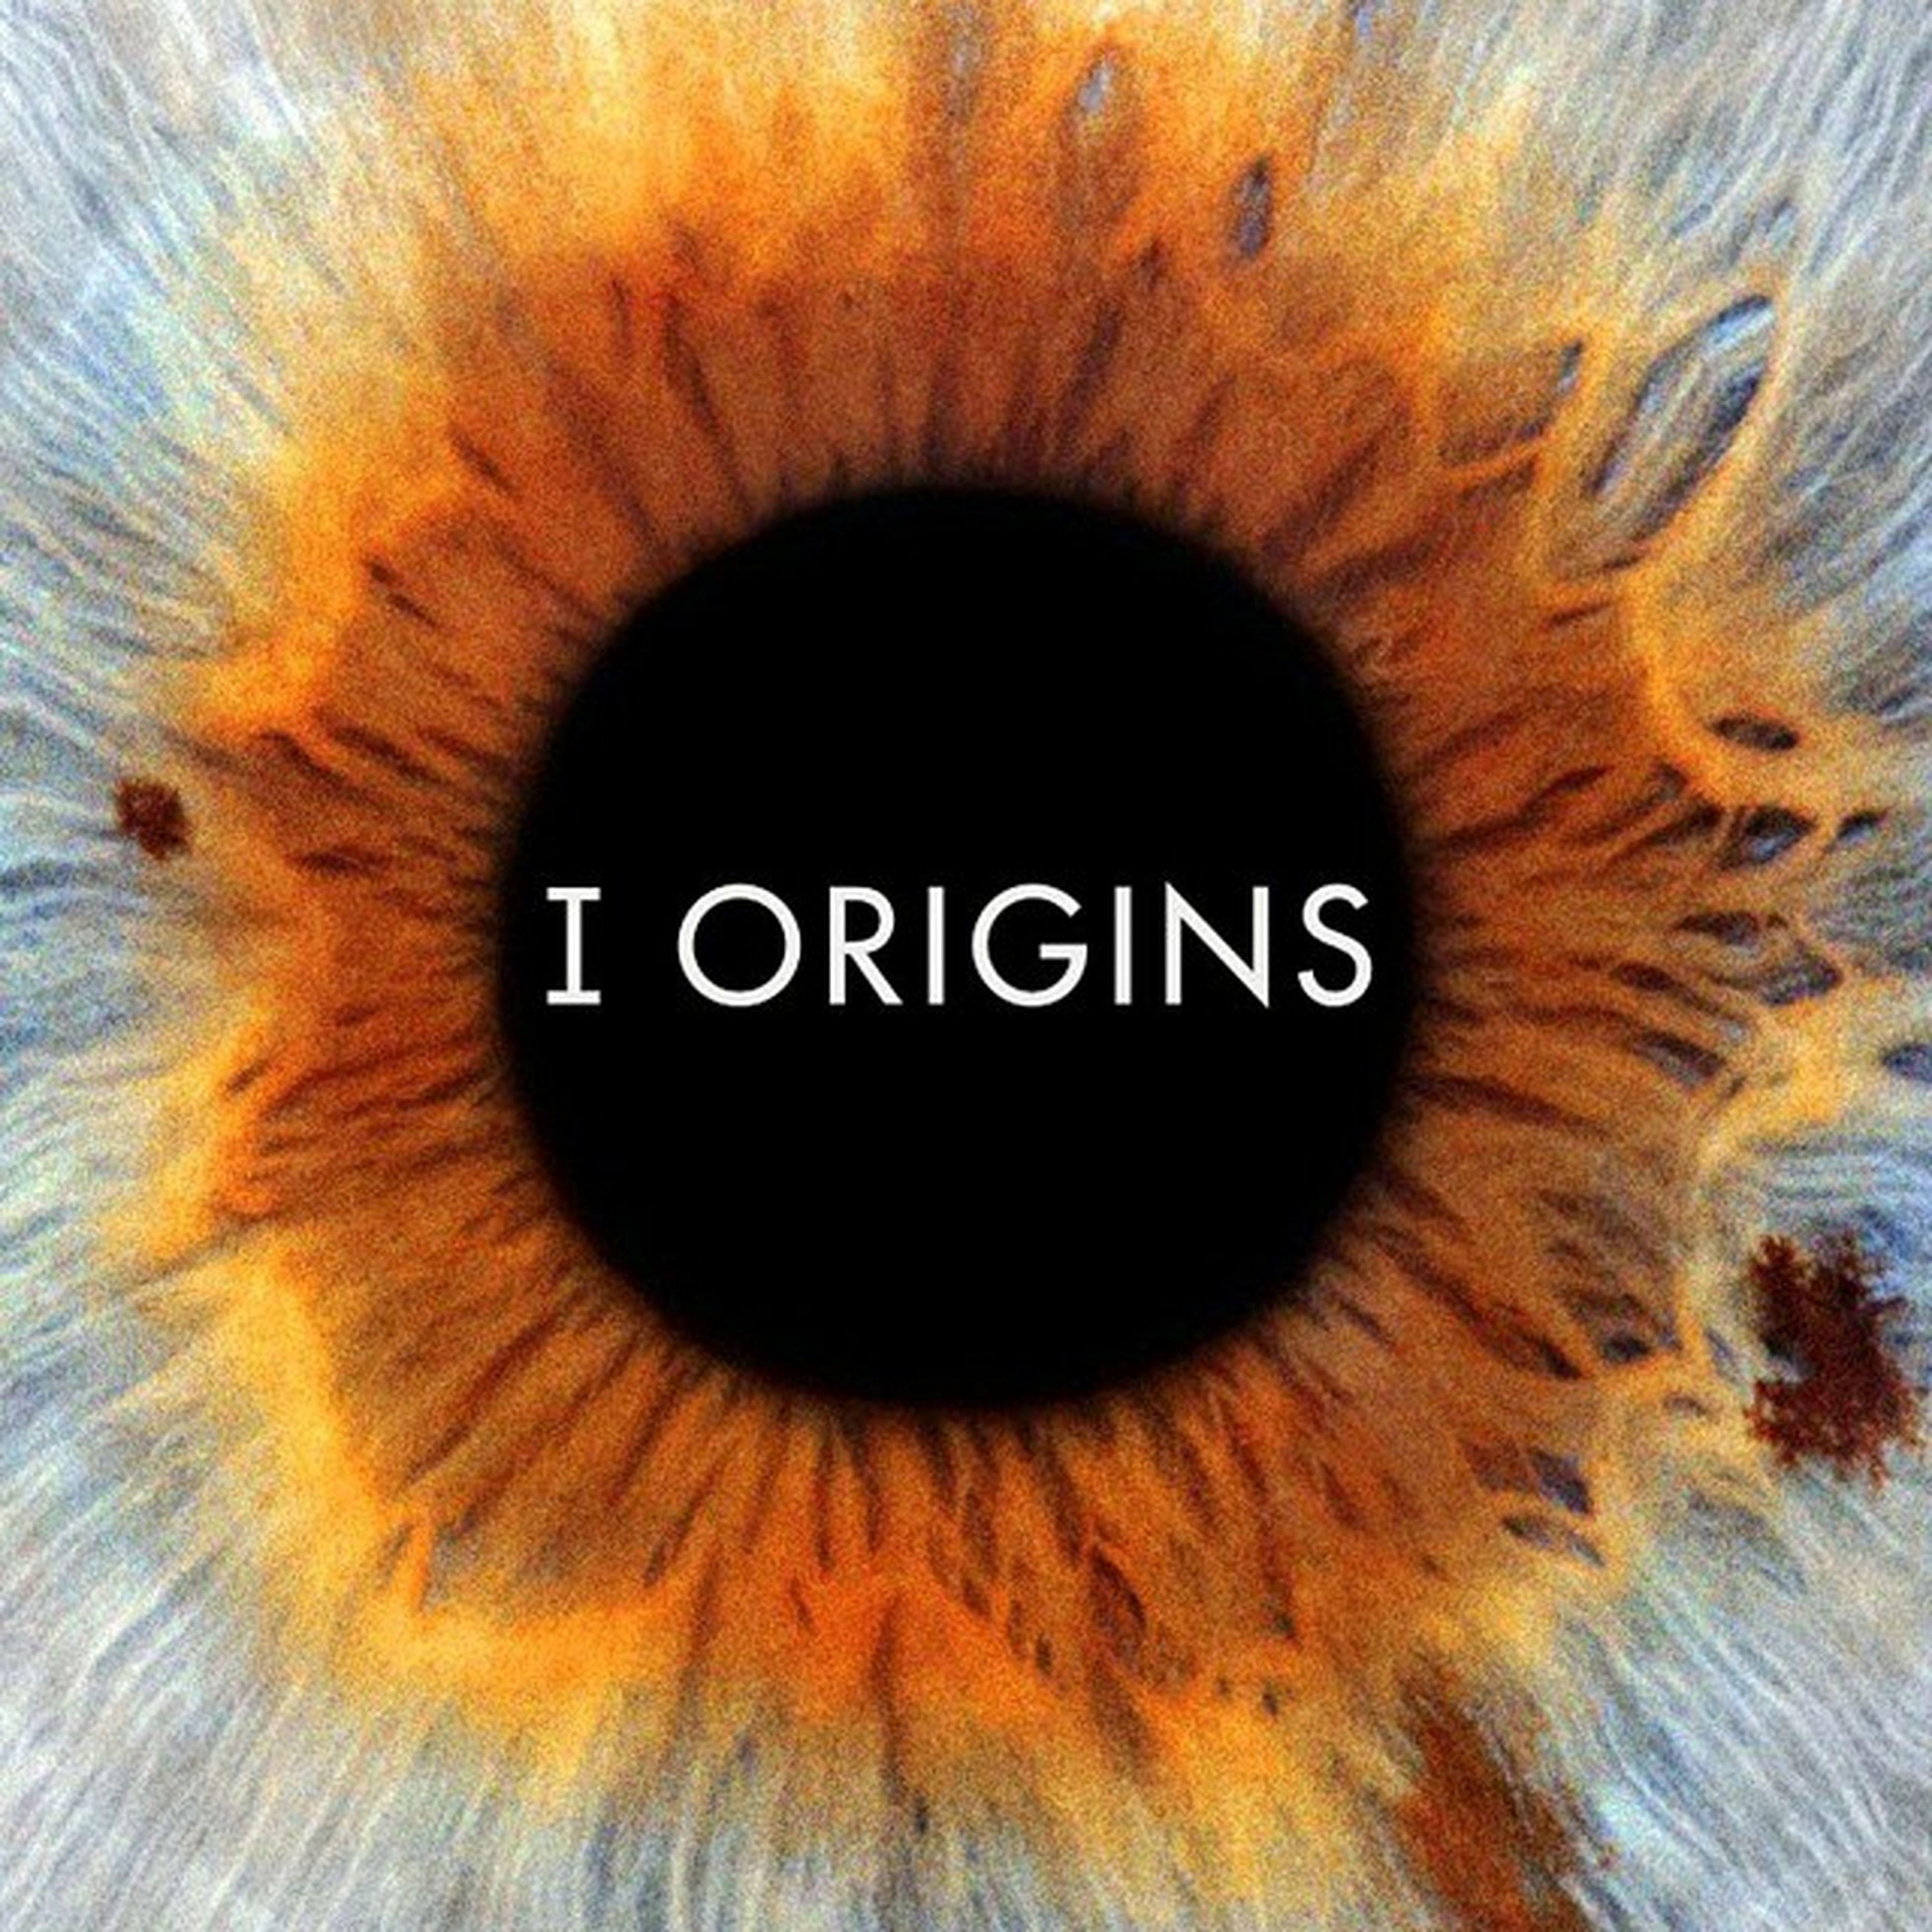 IOrigings Film excelente.... Cine para abrir conciencia... Wakeup